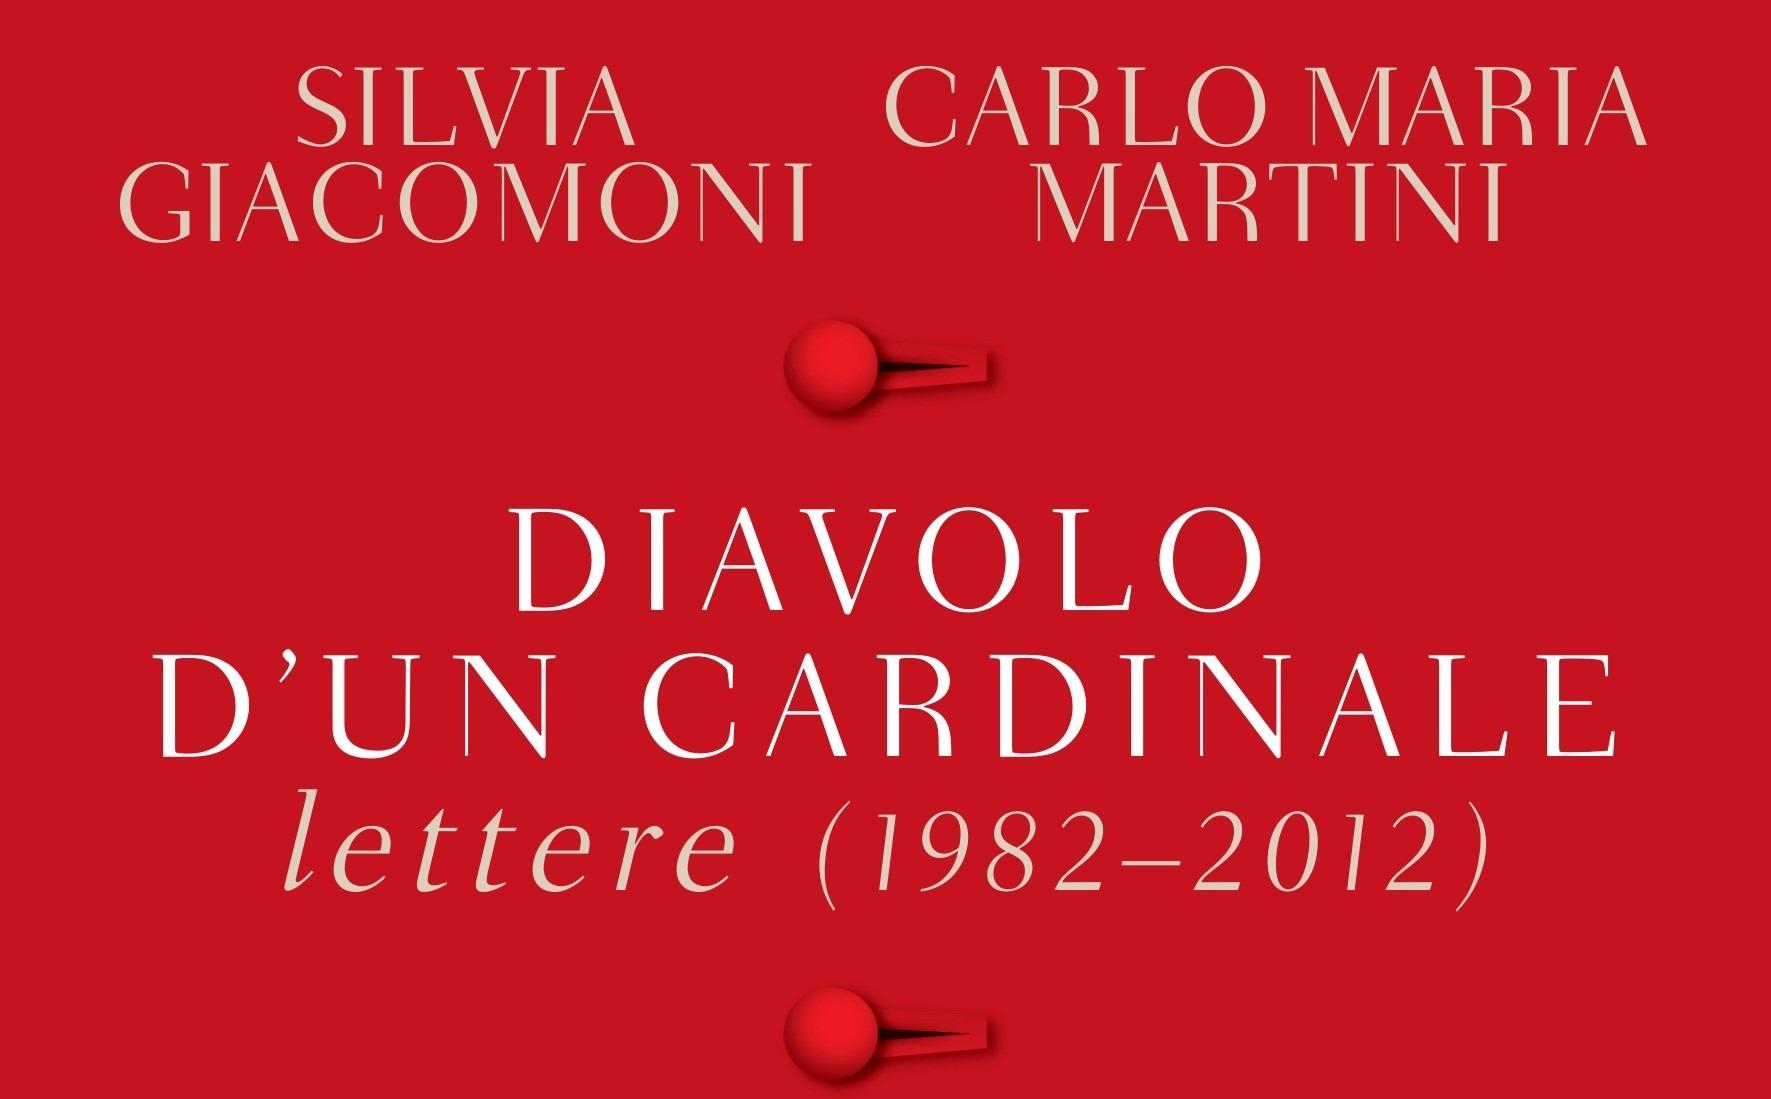 Che modi e humour aveva quel cardinale (da professore di Oxford)